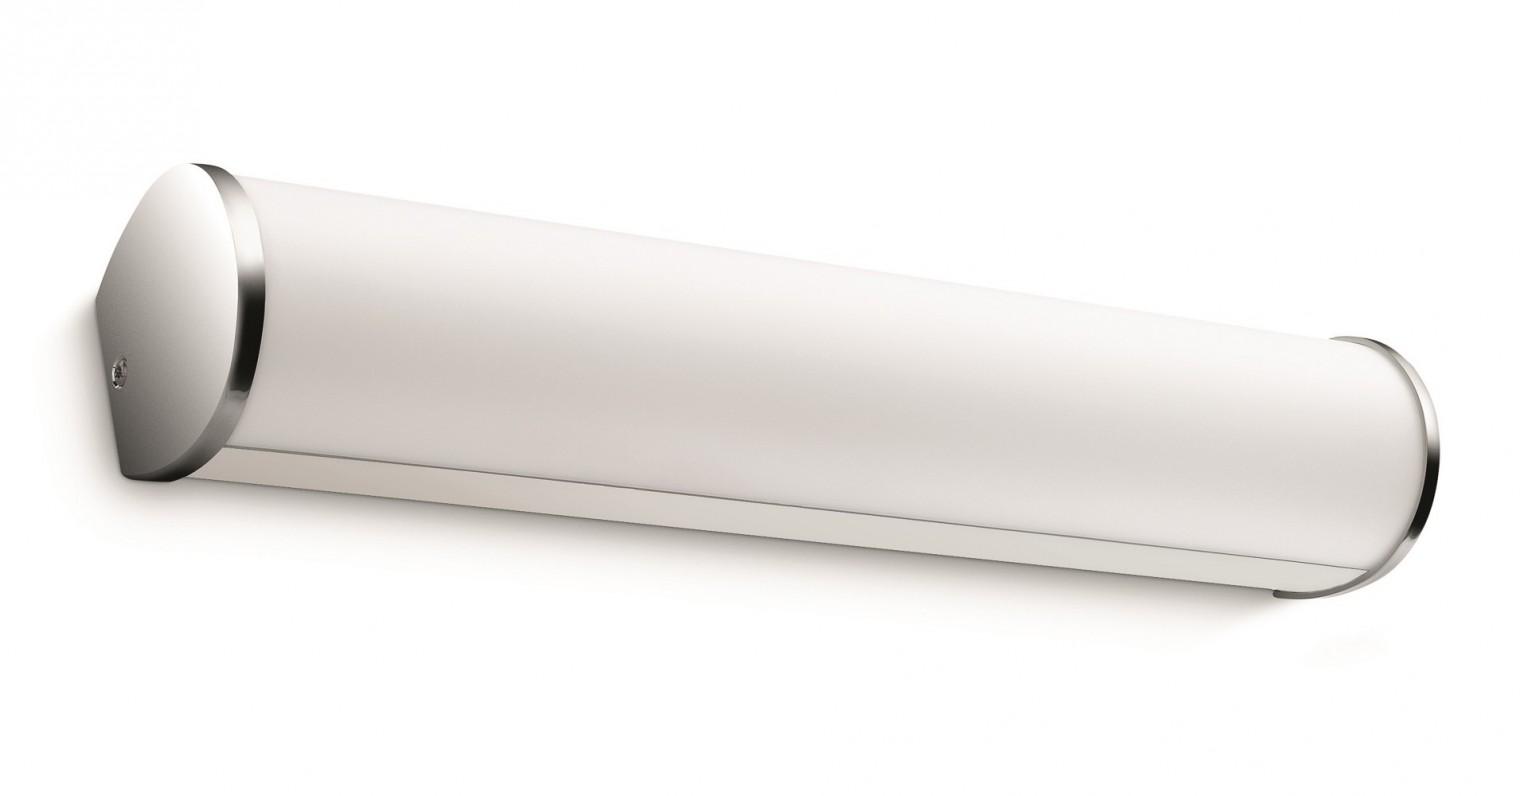 Nábytek Bath - Koupelnové osvětlení LED, 33,3cm (lesklý chrom)